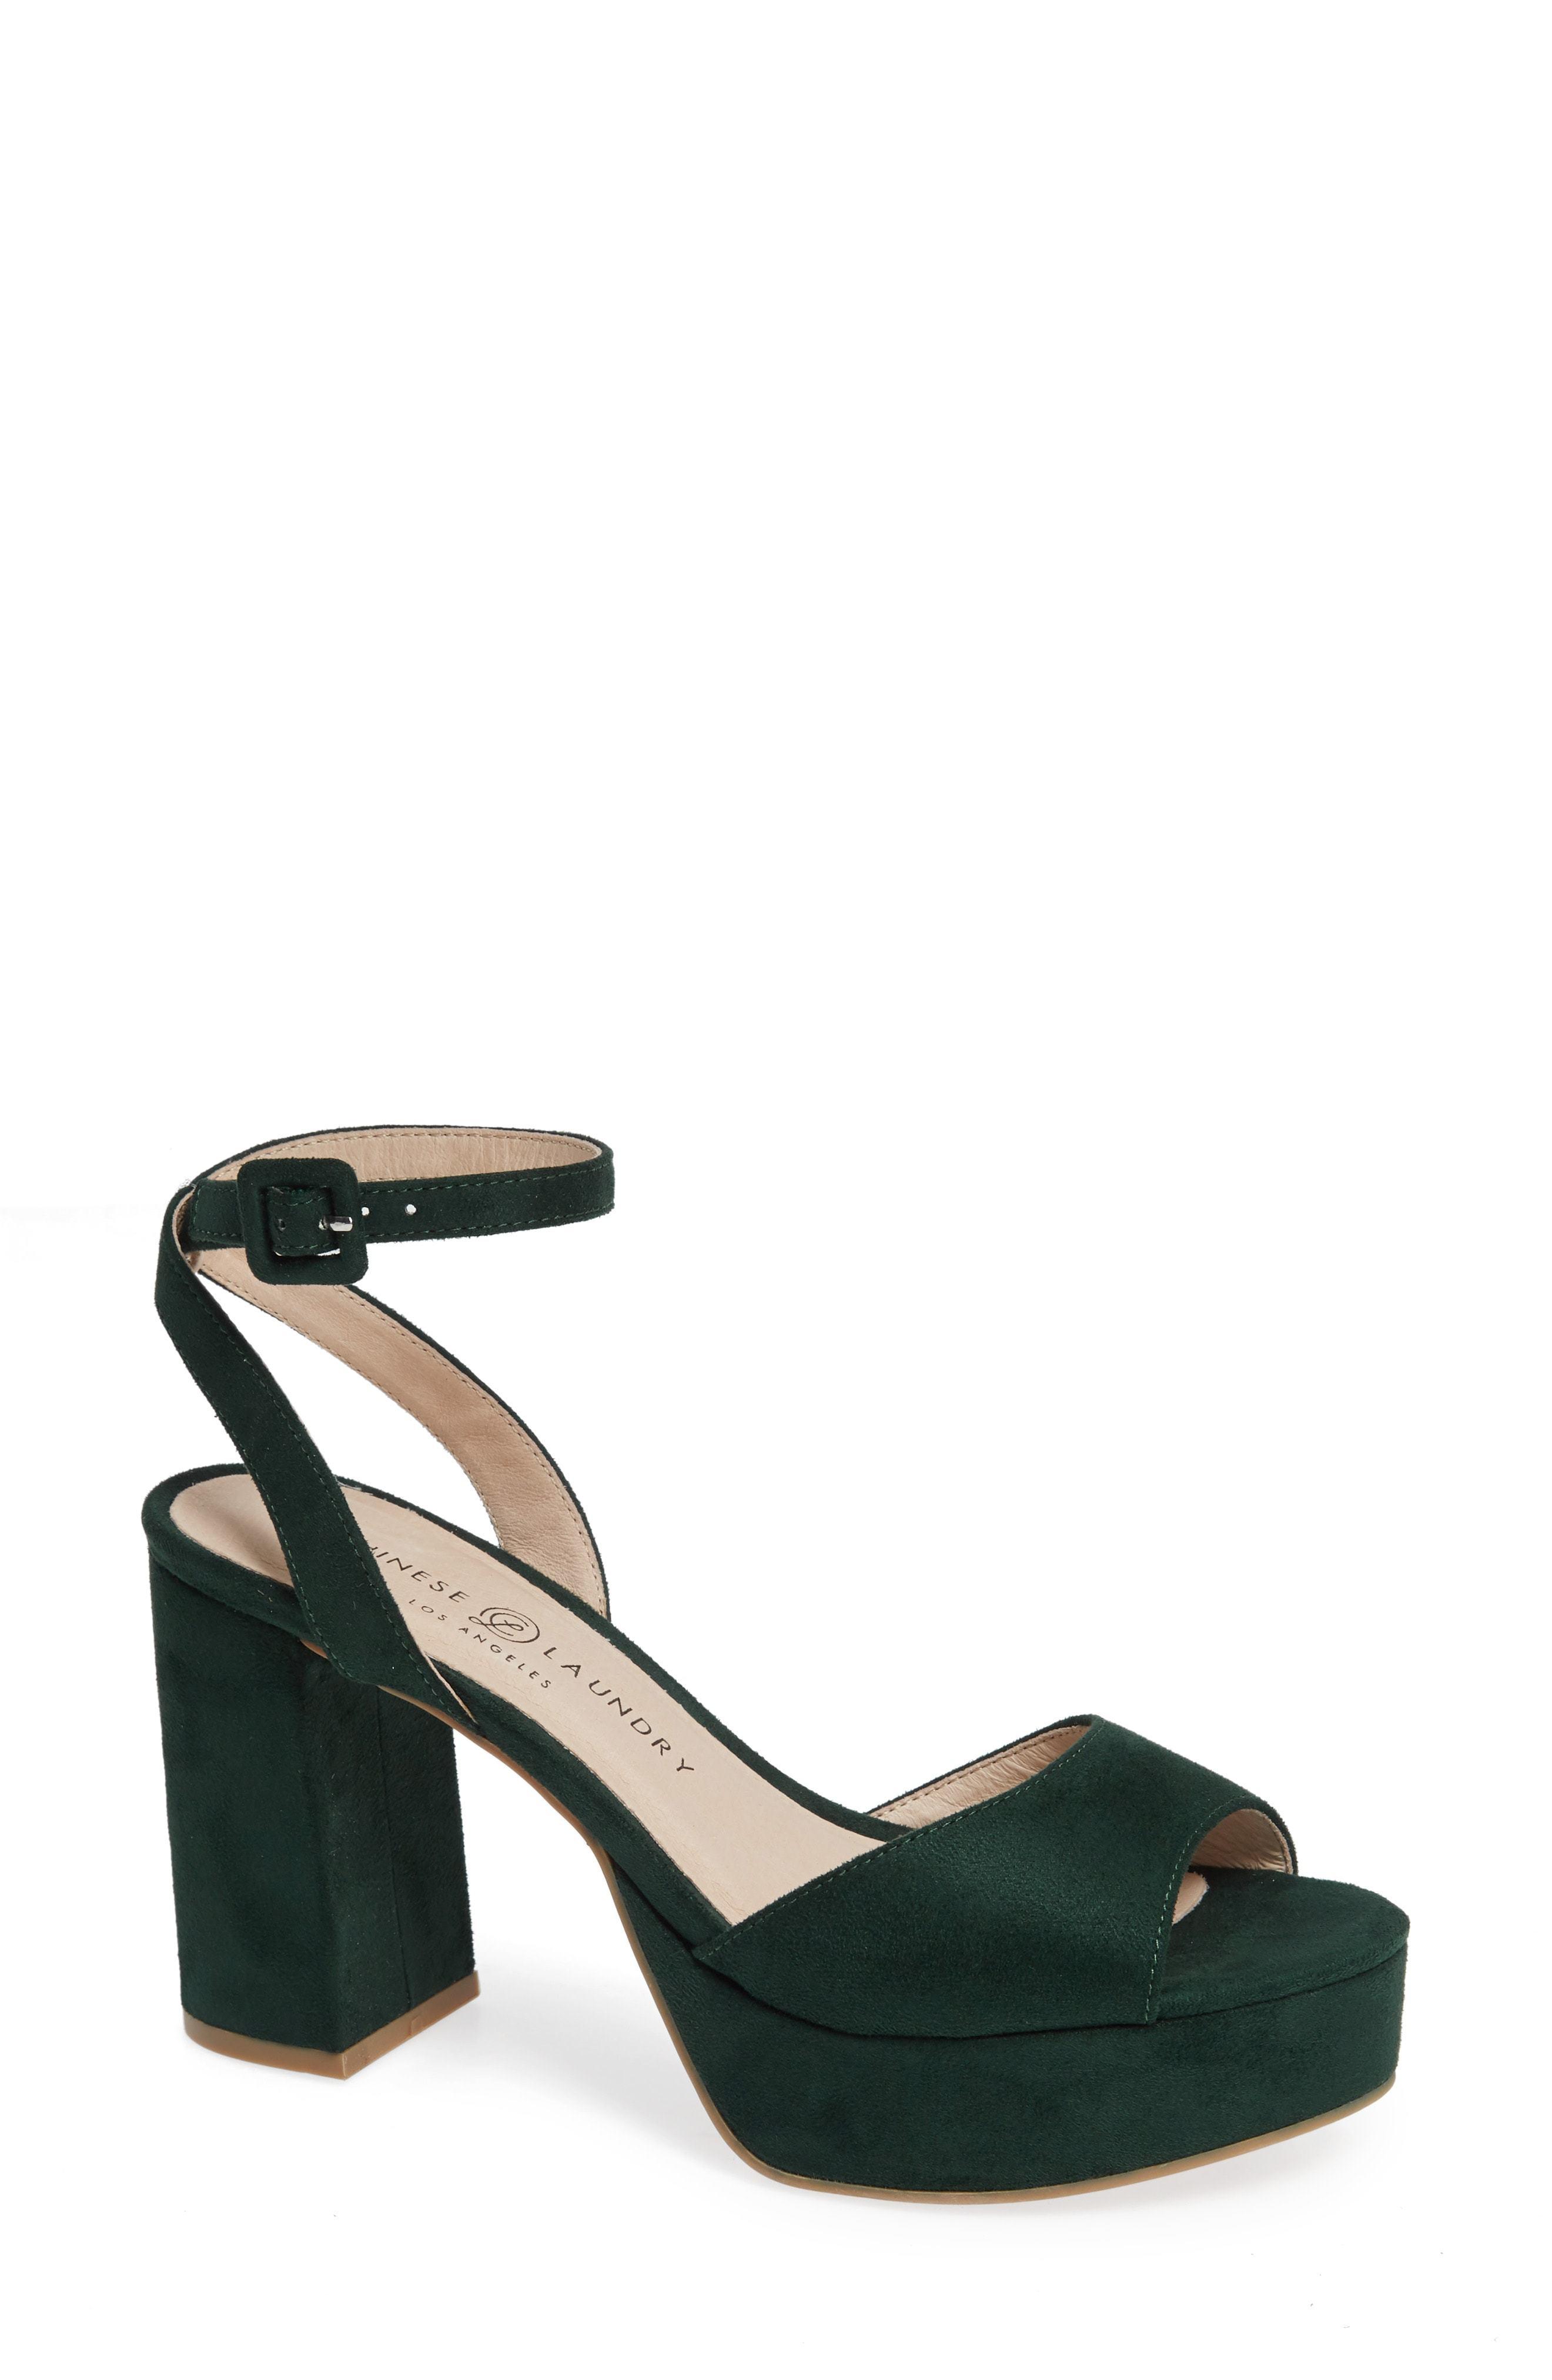 0631f4b0e45 ... Chinese Laundry Theresa Platform Sandal